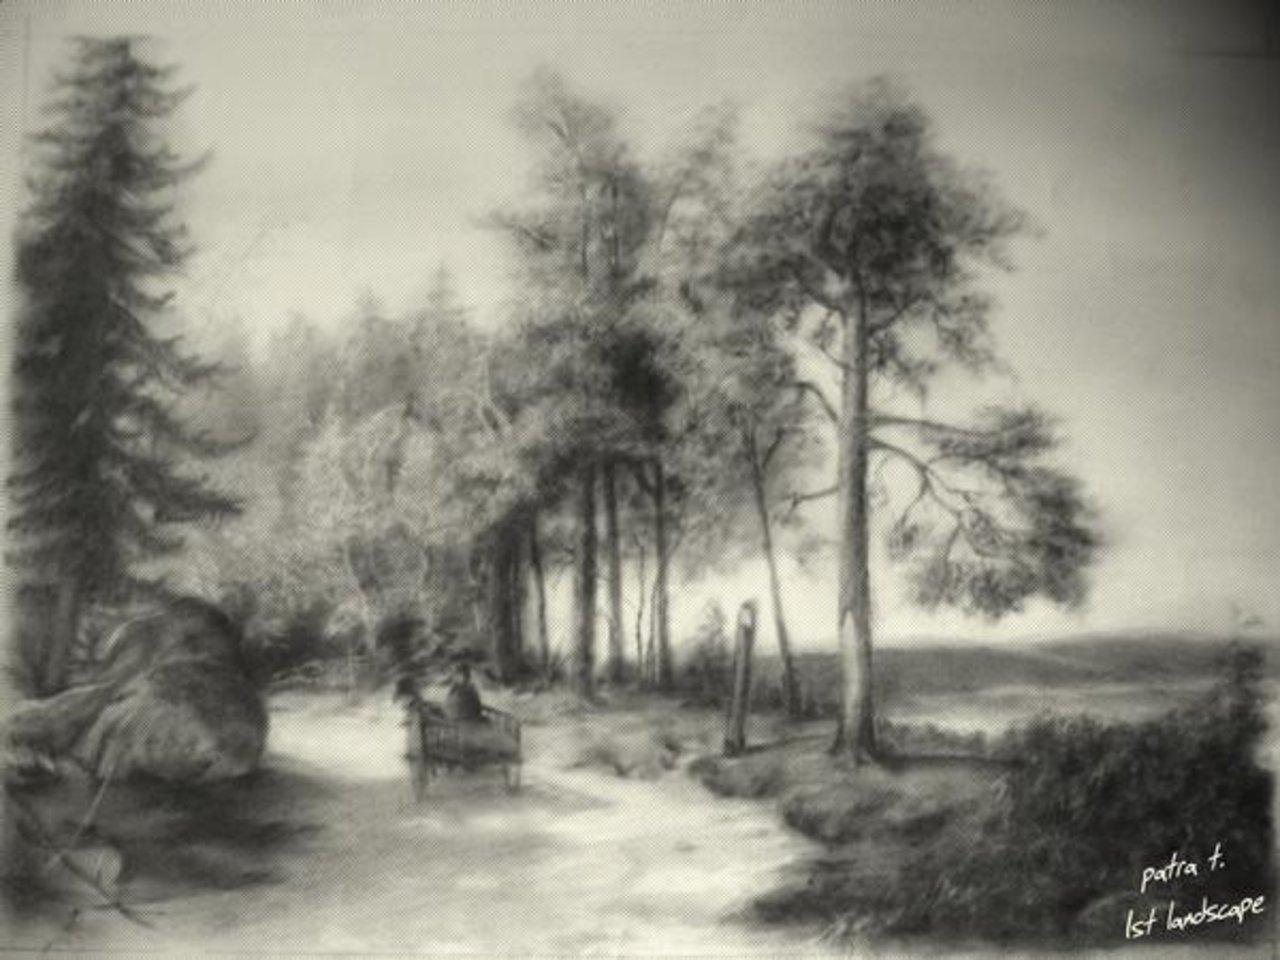 1280x960 Charcoal Landscape Sketches Drawn Landscape Famous Landscape